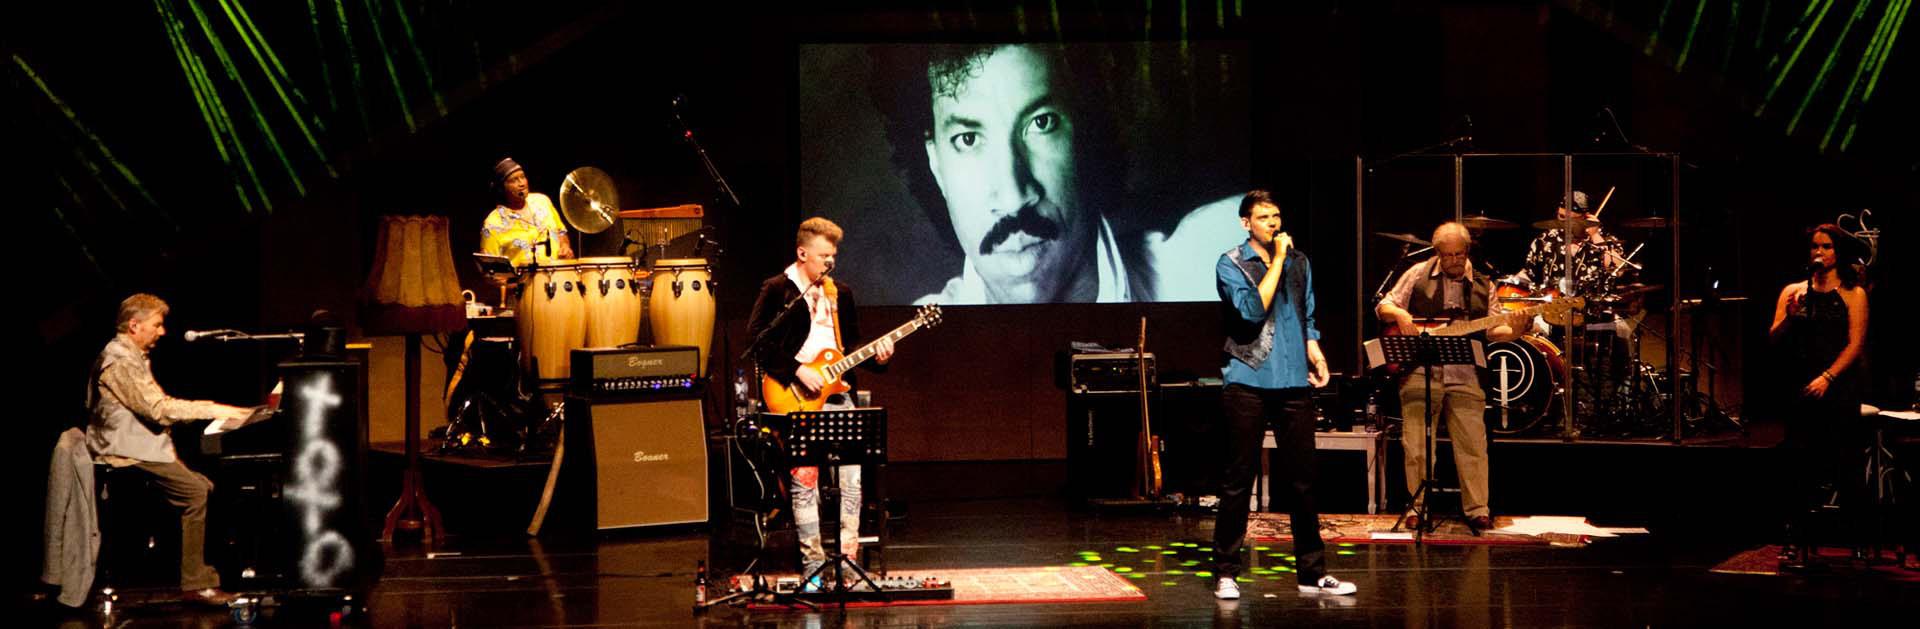 Theater - LA Studio Heroes Achterhoek - Liemers